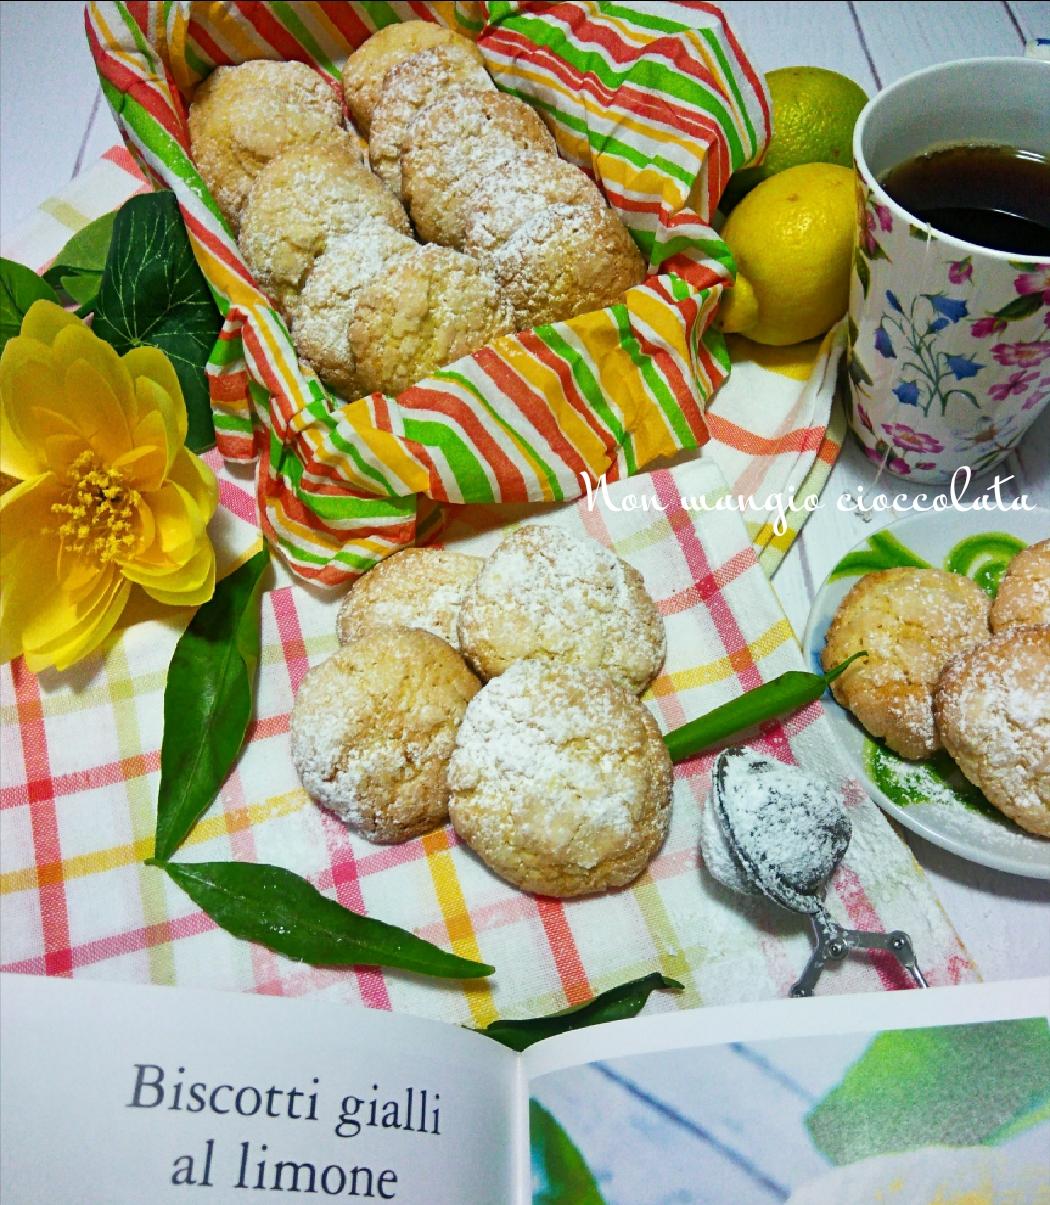 Biscotti gialli al limone